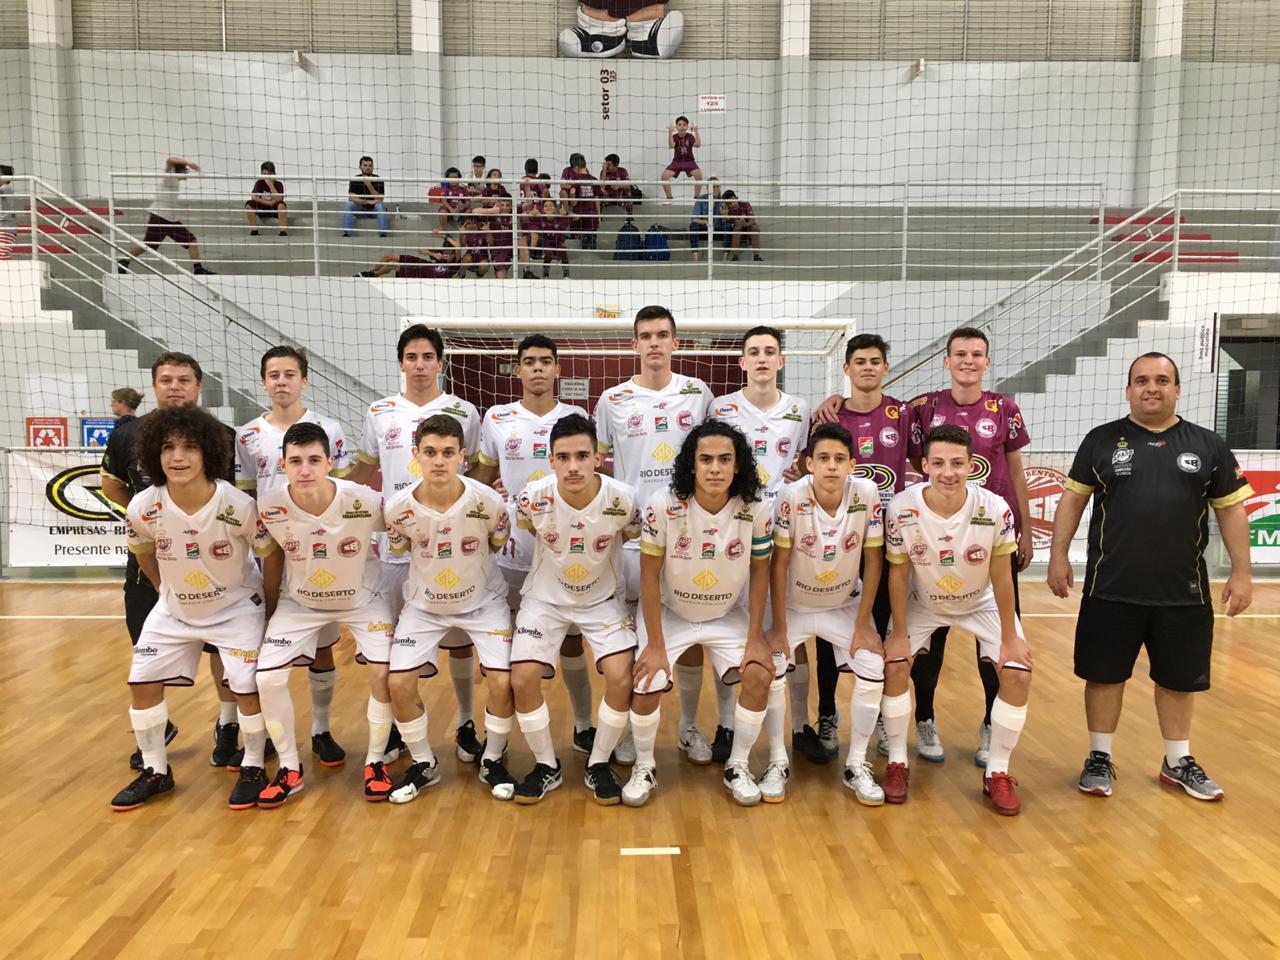 Etapa regional dos Joguinhos Abertos de Santa Catarina inicia nesta quarta-feira